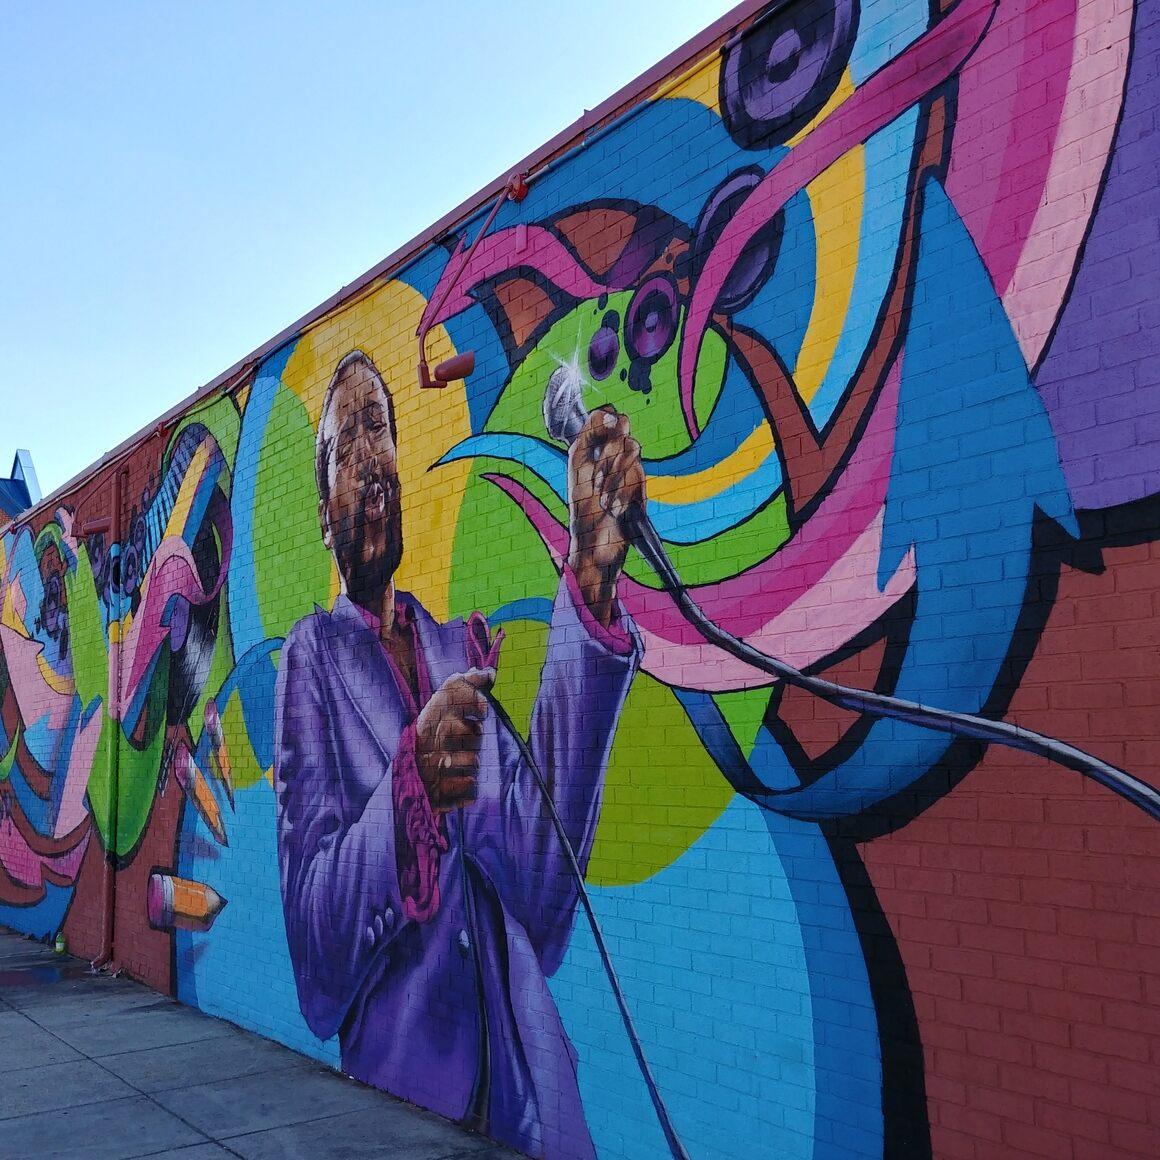 U Street Graffiti Art.